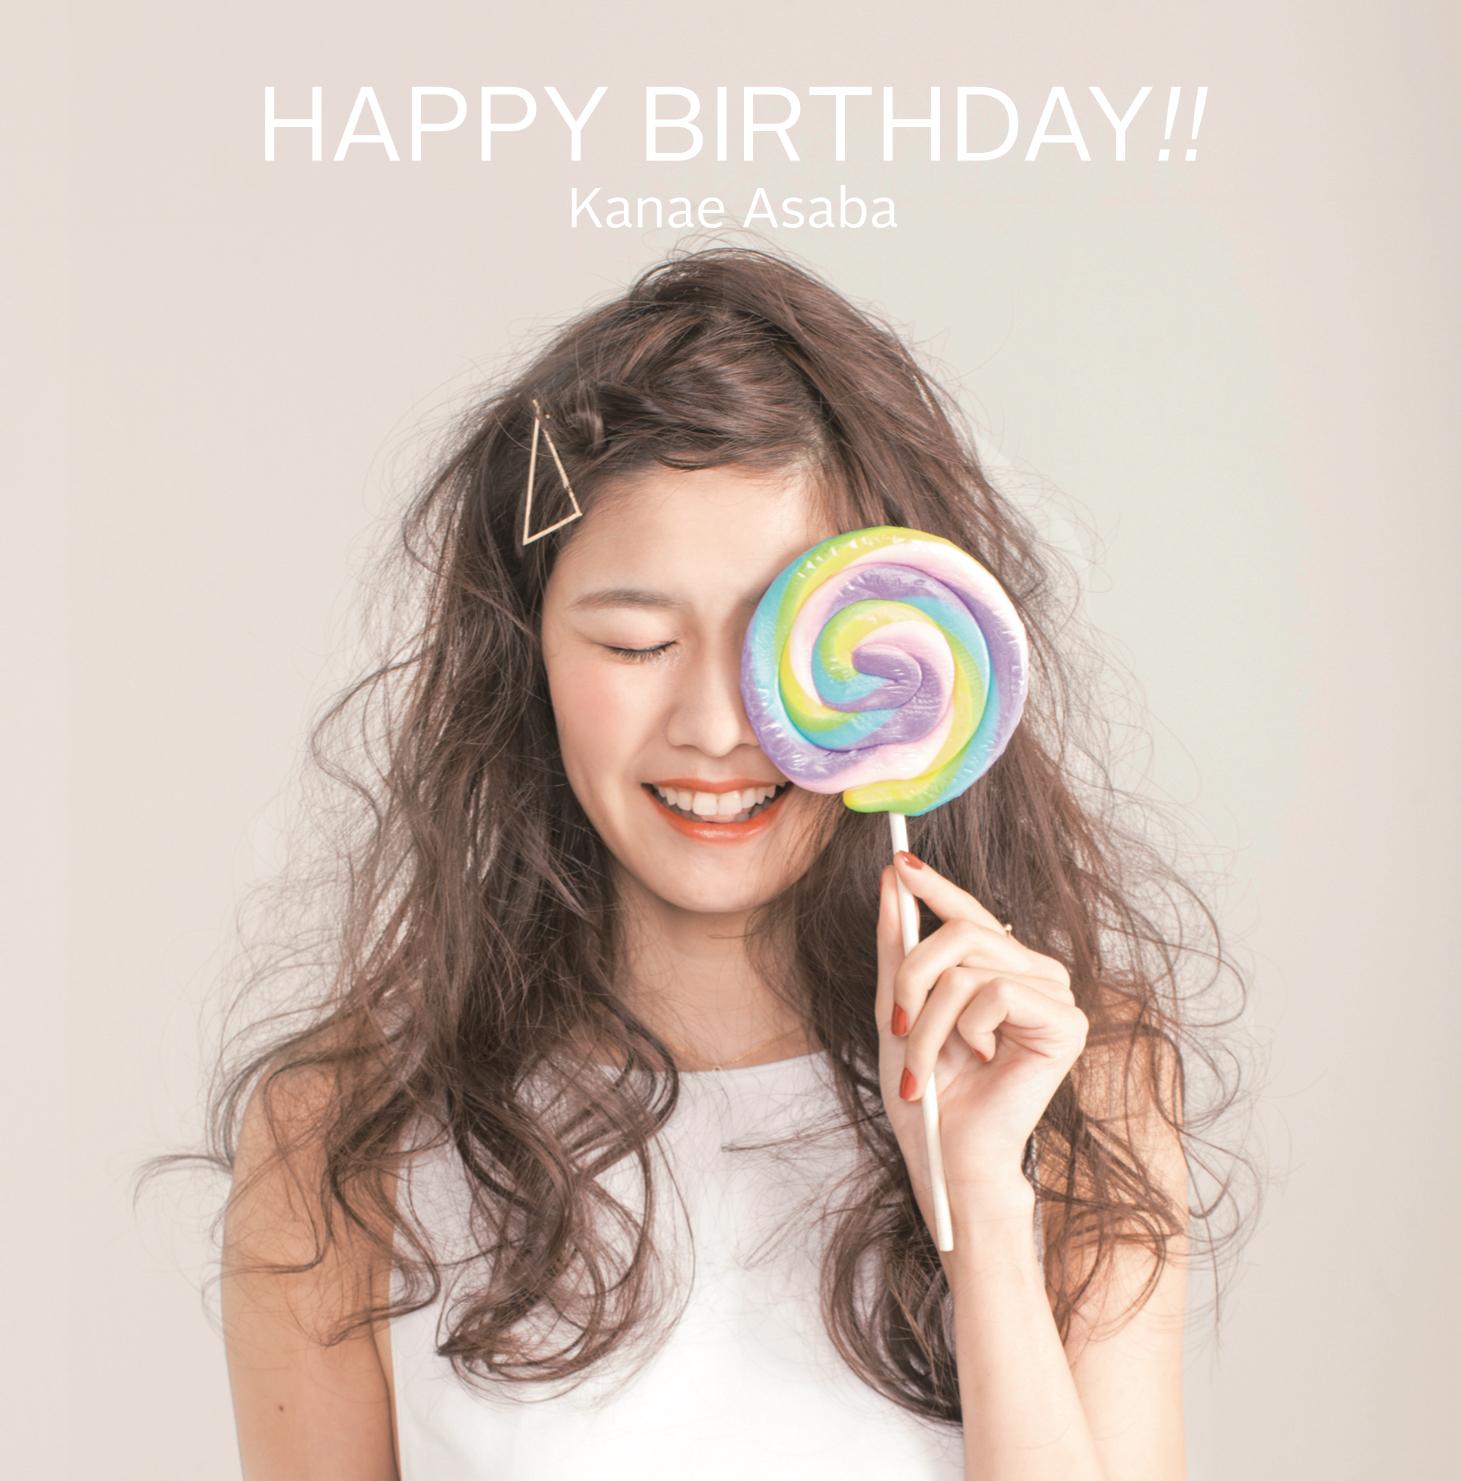 Happy Birthday!! Image